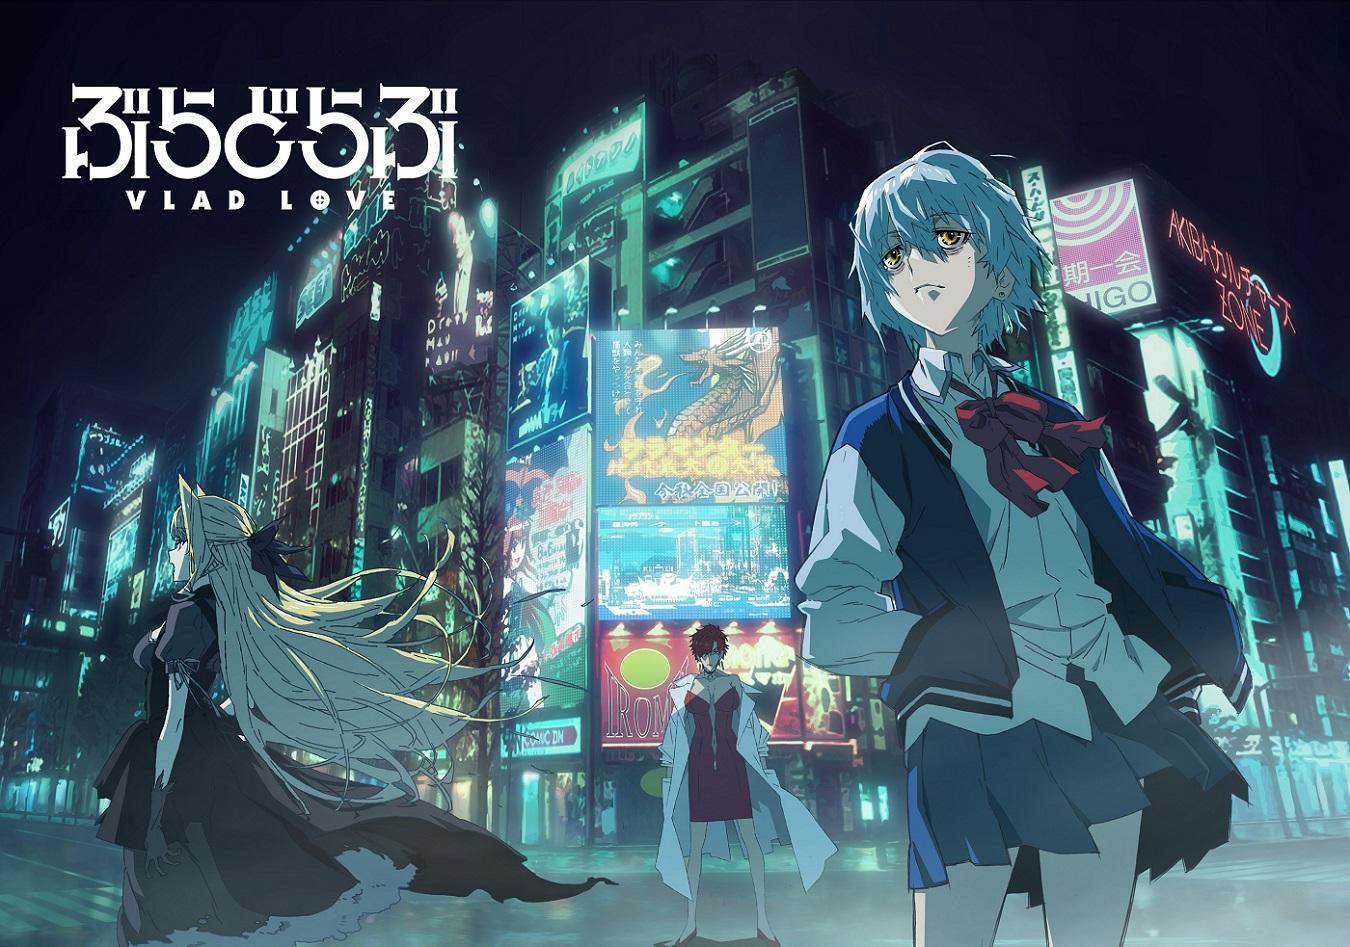 Resultado de imagen de vlad love anime